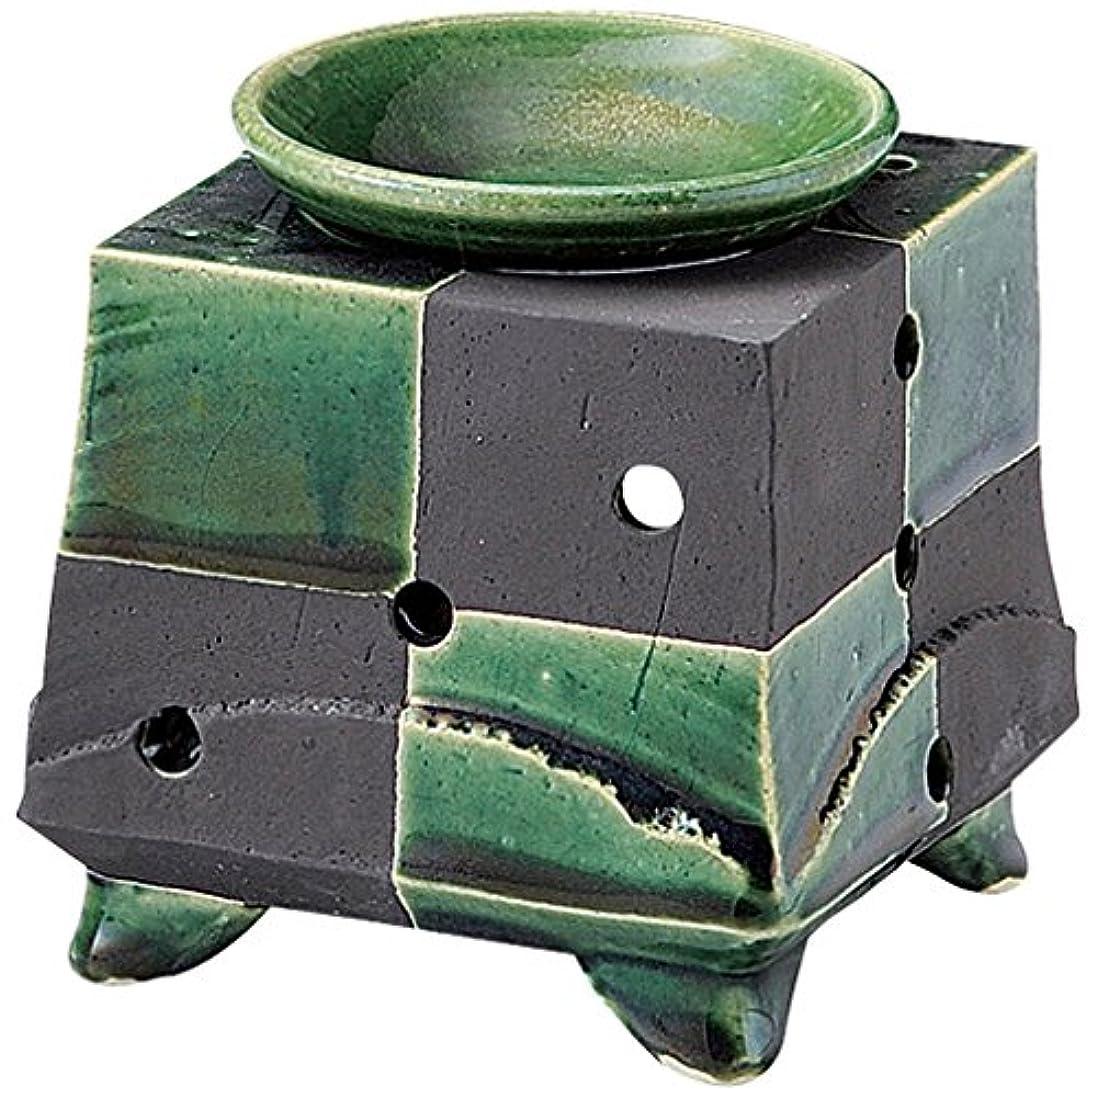 解明するオリエンタルブルーベル山下工芸 常滑焼 佳窯織部黒市松茶香炉 11.5×11.5×11.5cm 13045770